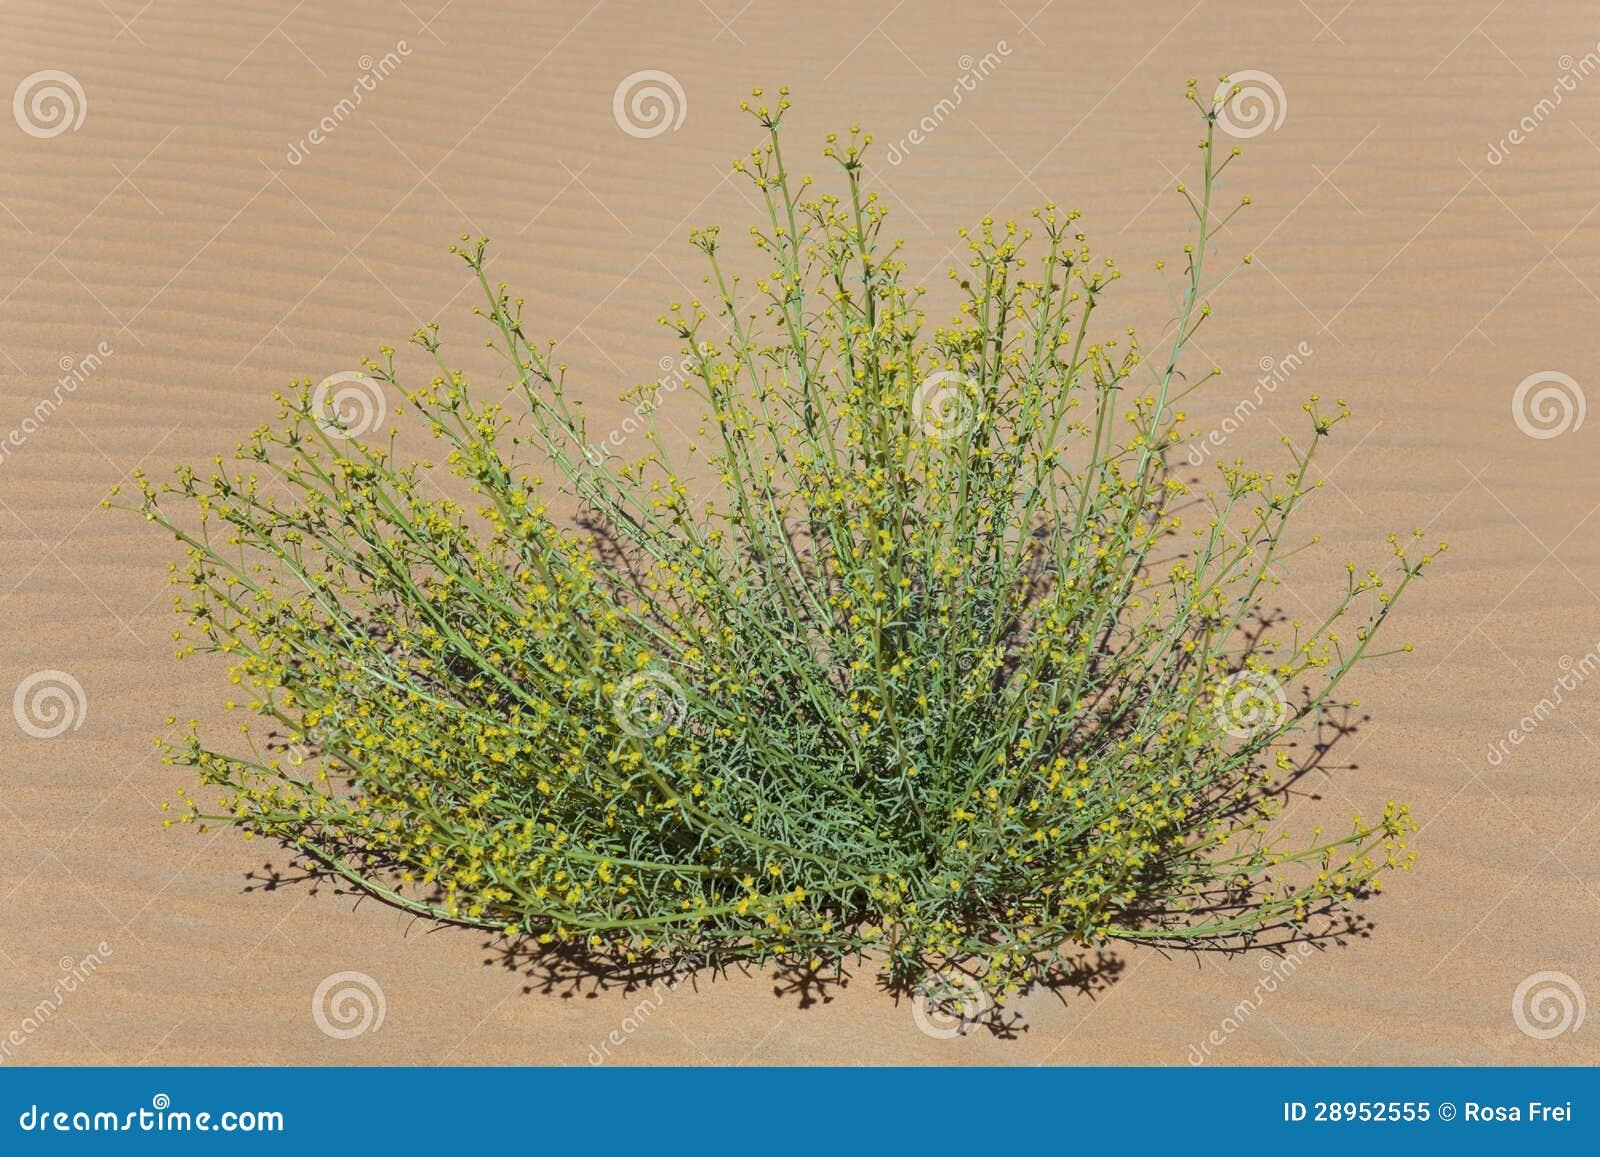 Zielona roślina z malutkim kolor żółty kwitnie w pustynnym piasku.